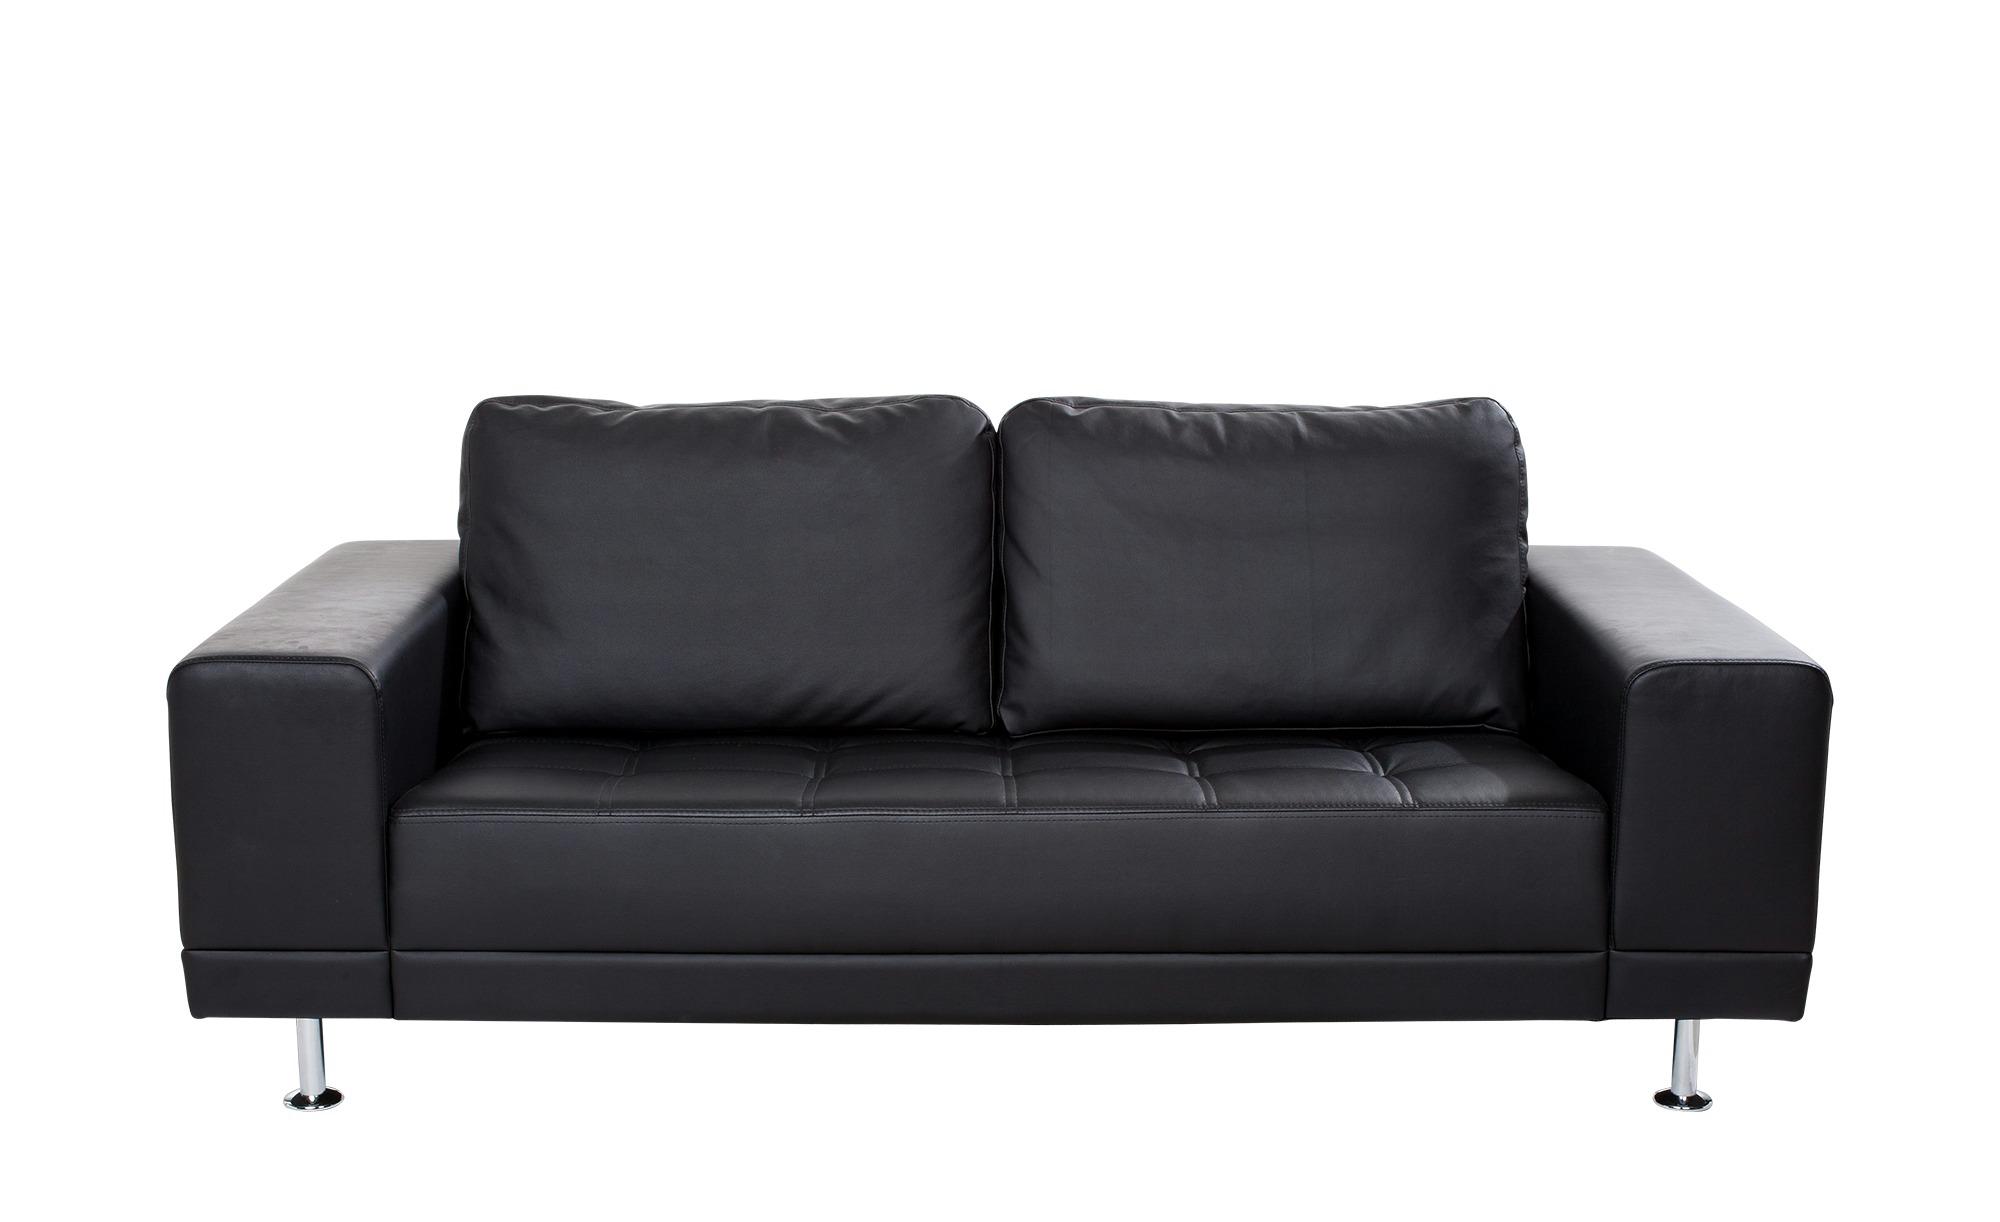 smart Schwarzes Design Sofa Garda Breite 200 cm Höhe 85